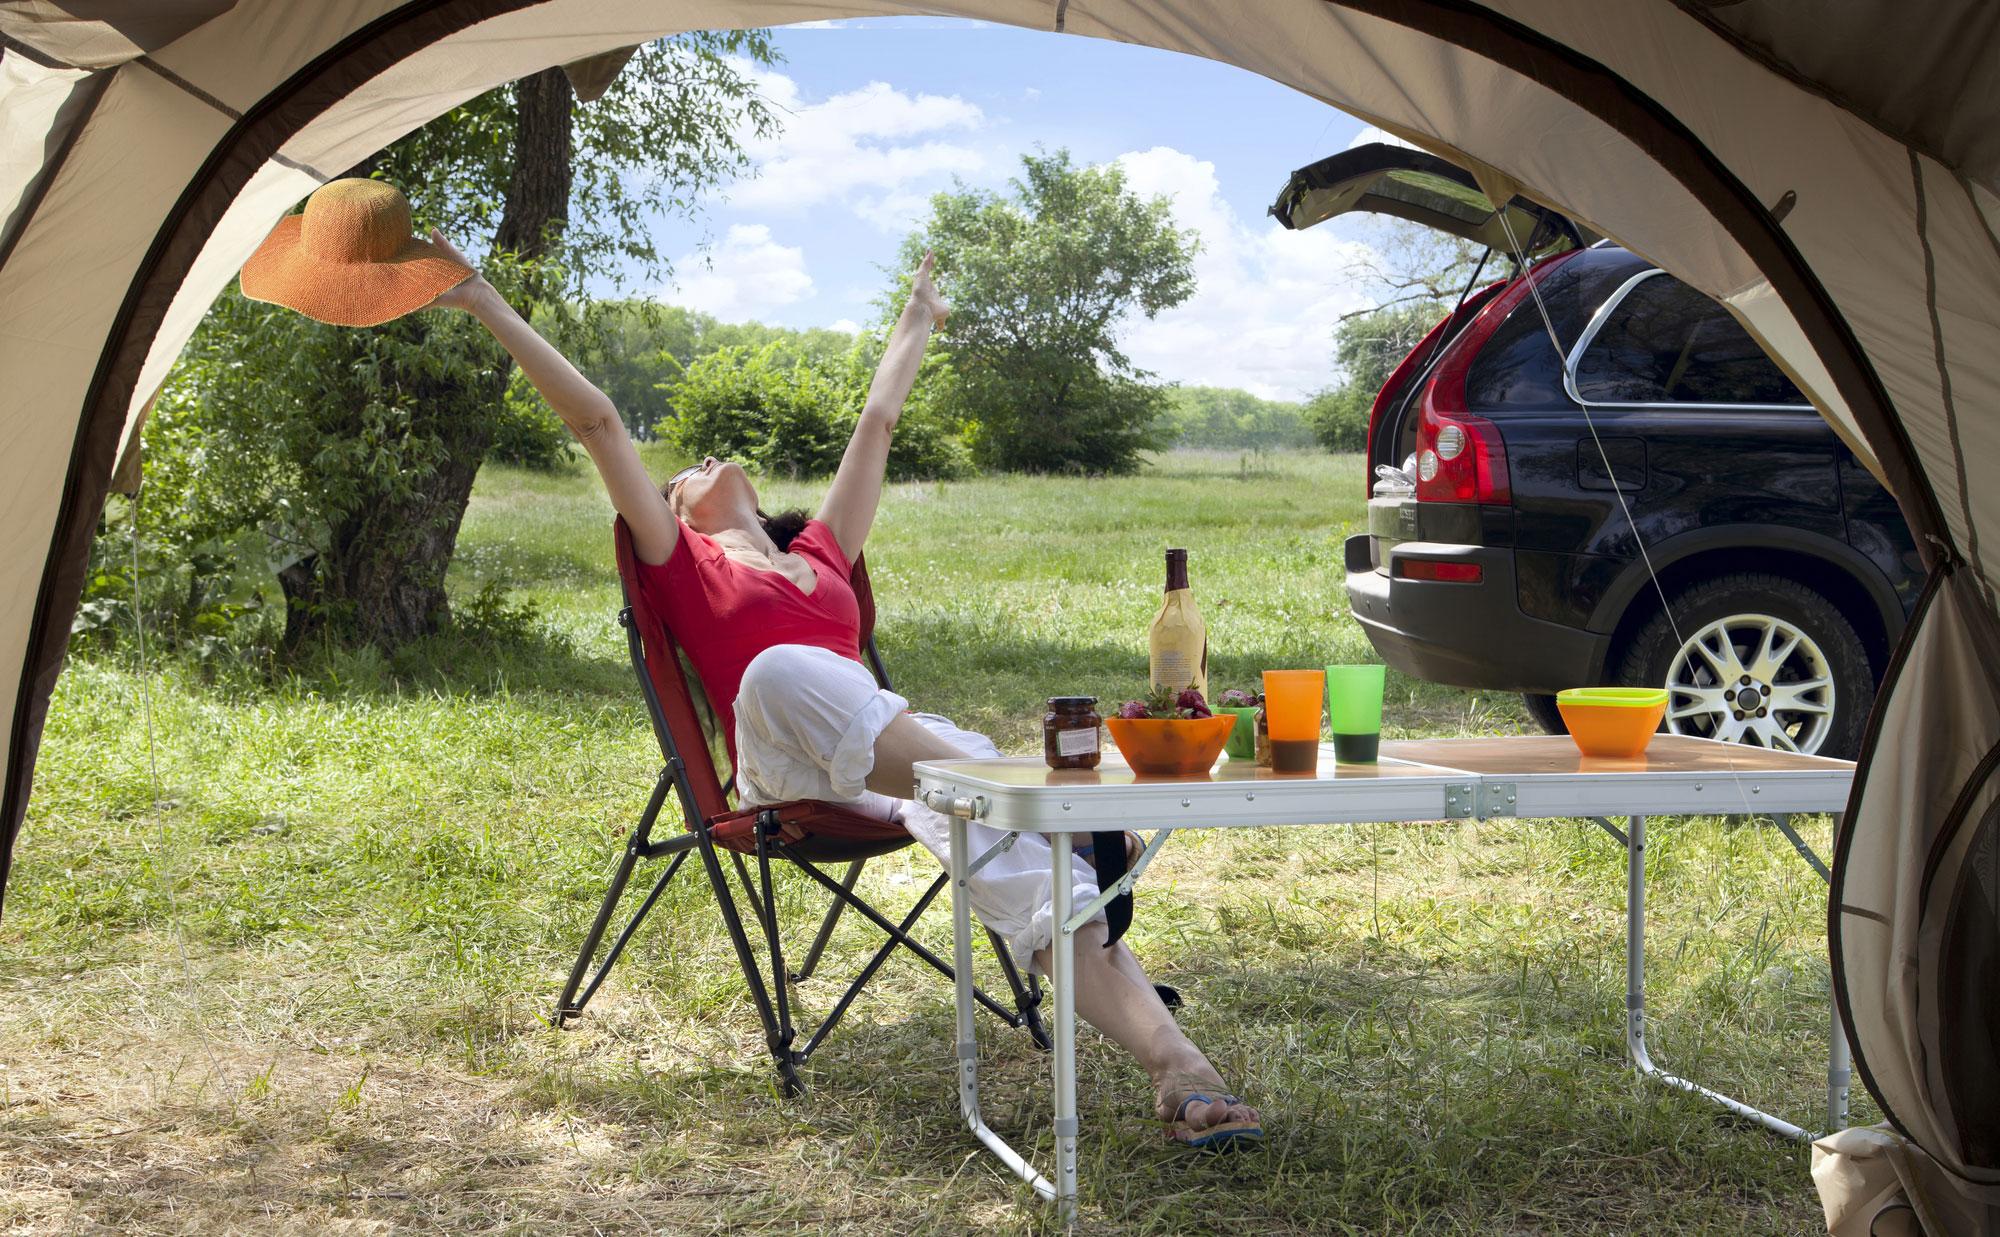 Tavoli E Sedie Da Camper.Come Organizzare La Piazzola Con Tavoli E Sedie Da Campeggio